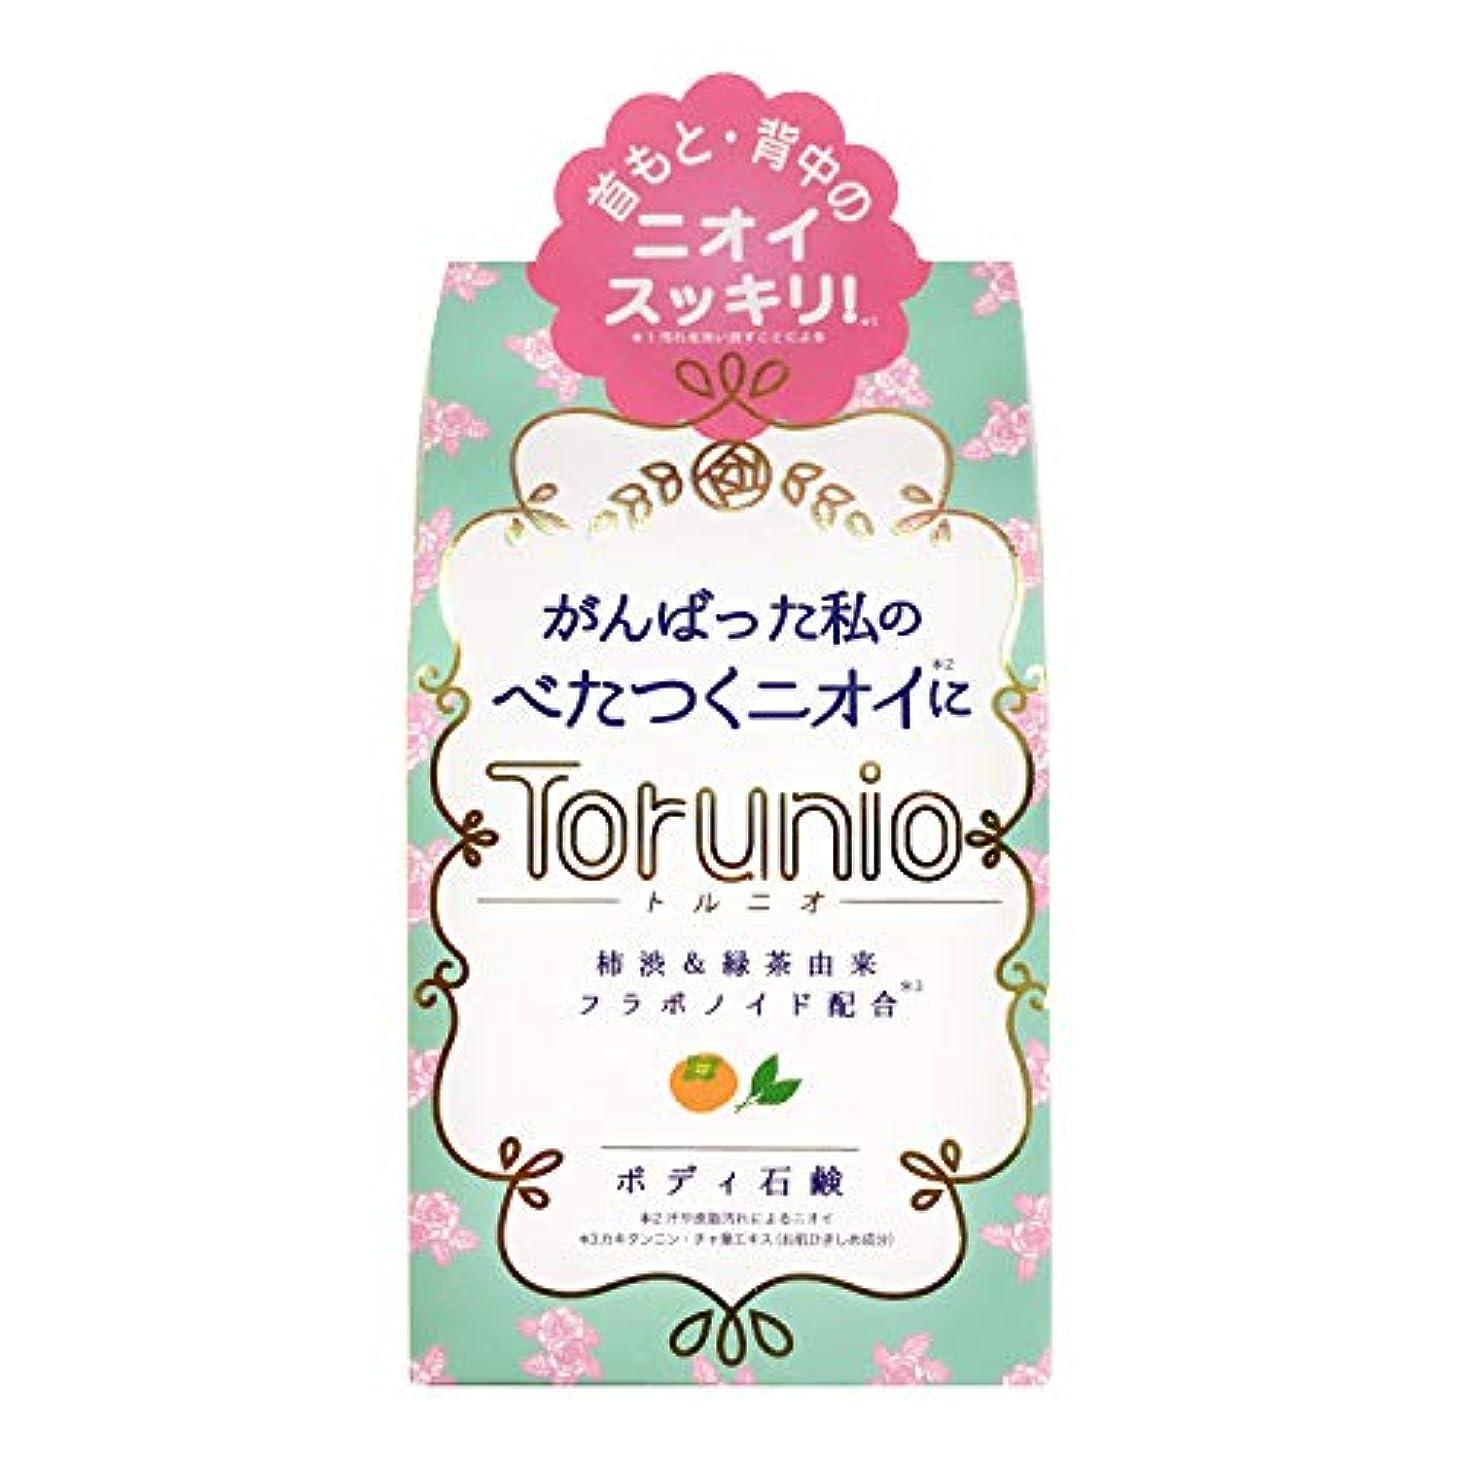 バラ色オーブン決定的Torunio(トルニオ)石鹸 100g